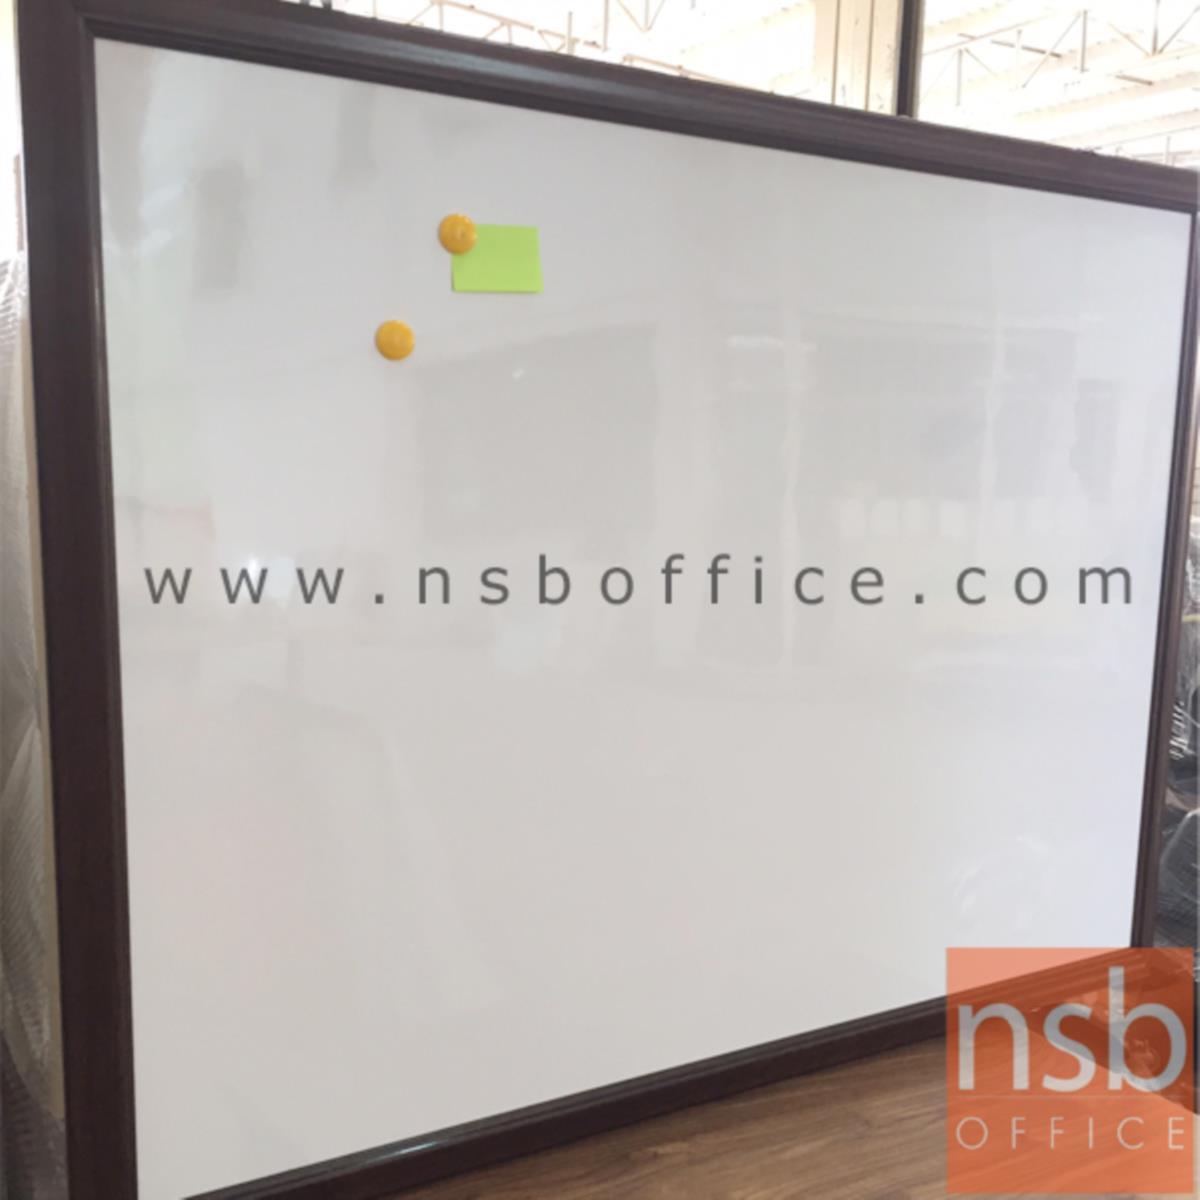 กระดานไวท์บอร์ดแบบแขวน White board   ขอบไม้จริงสีโอ๊ค ไม่มีรางวางแปรง (พร้อมงานติดตั้งบนผนัง)